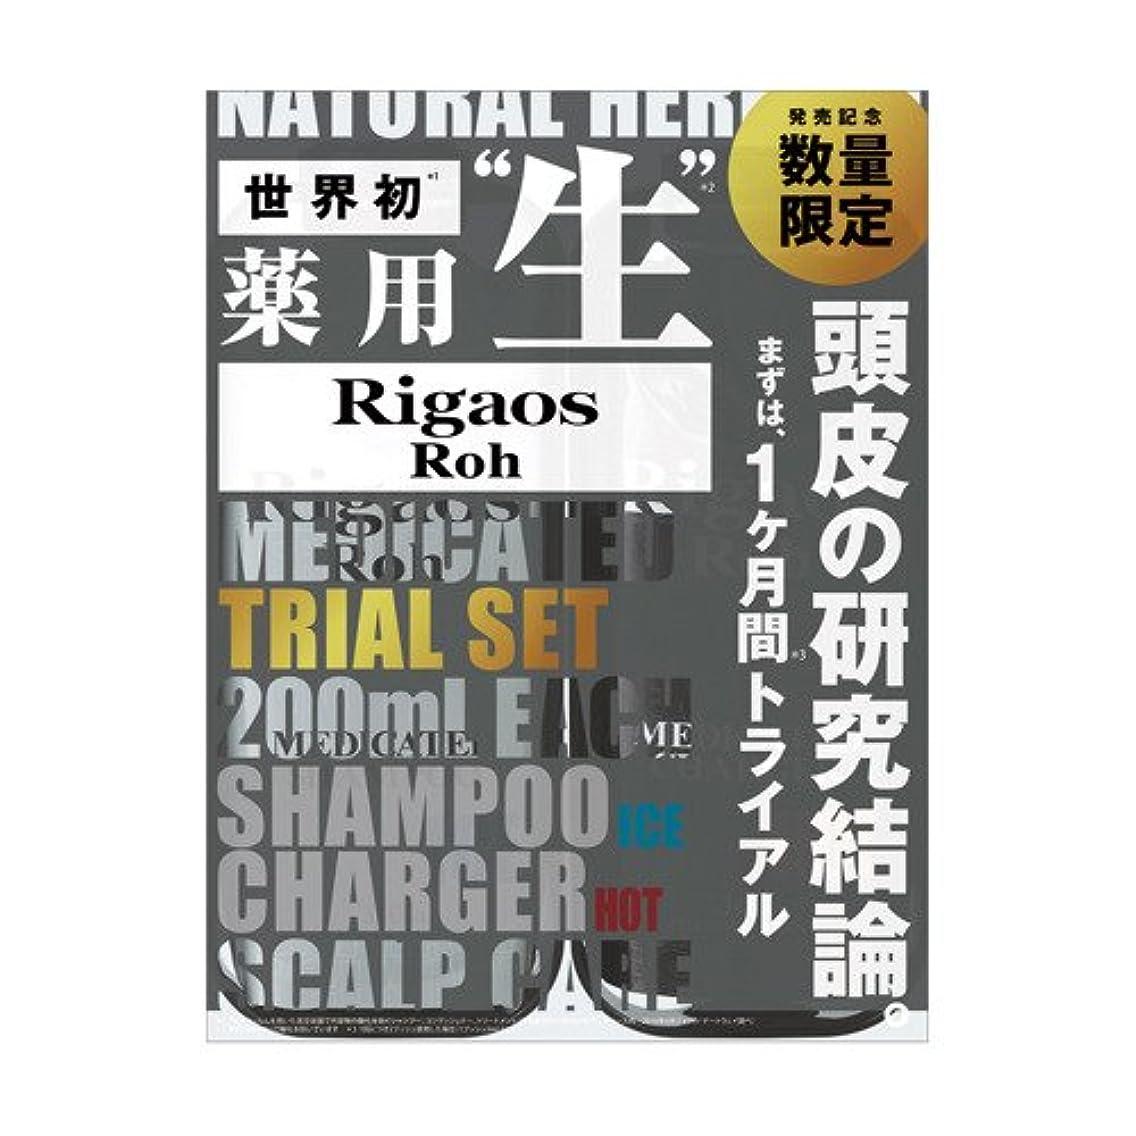 リガオス ロー 薬用スカルプケア シャンプー ICE & チャージャーHOT ファーストトライアルセット (200mL × 2) [医薬部外品]